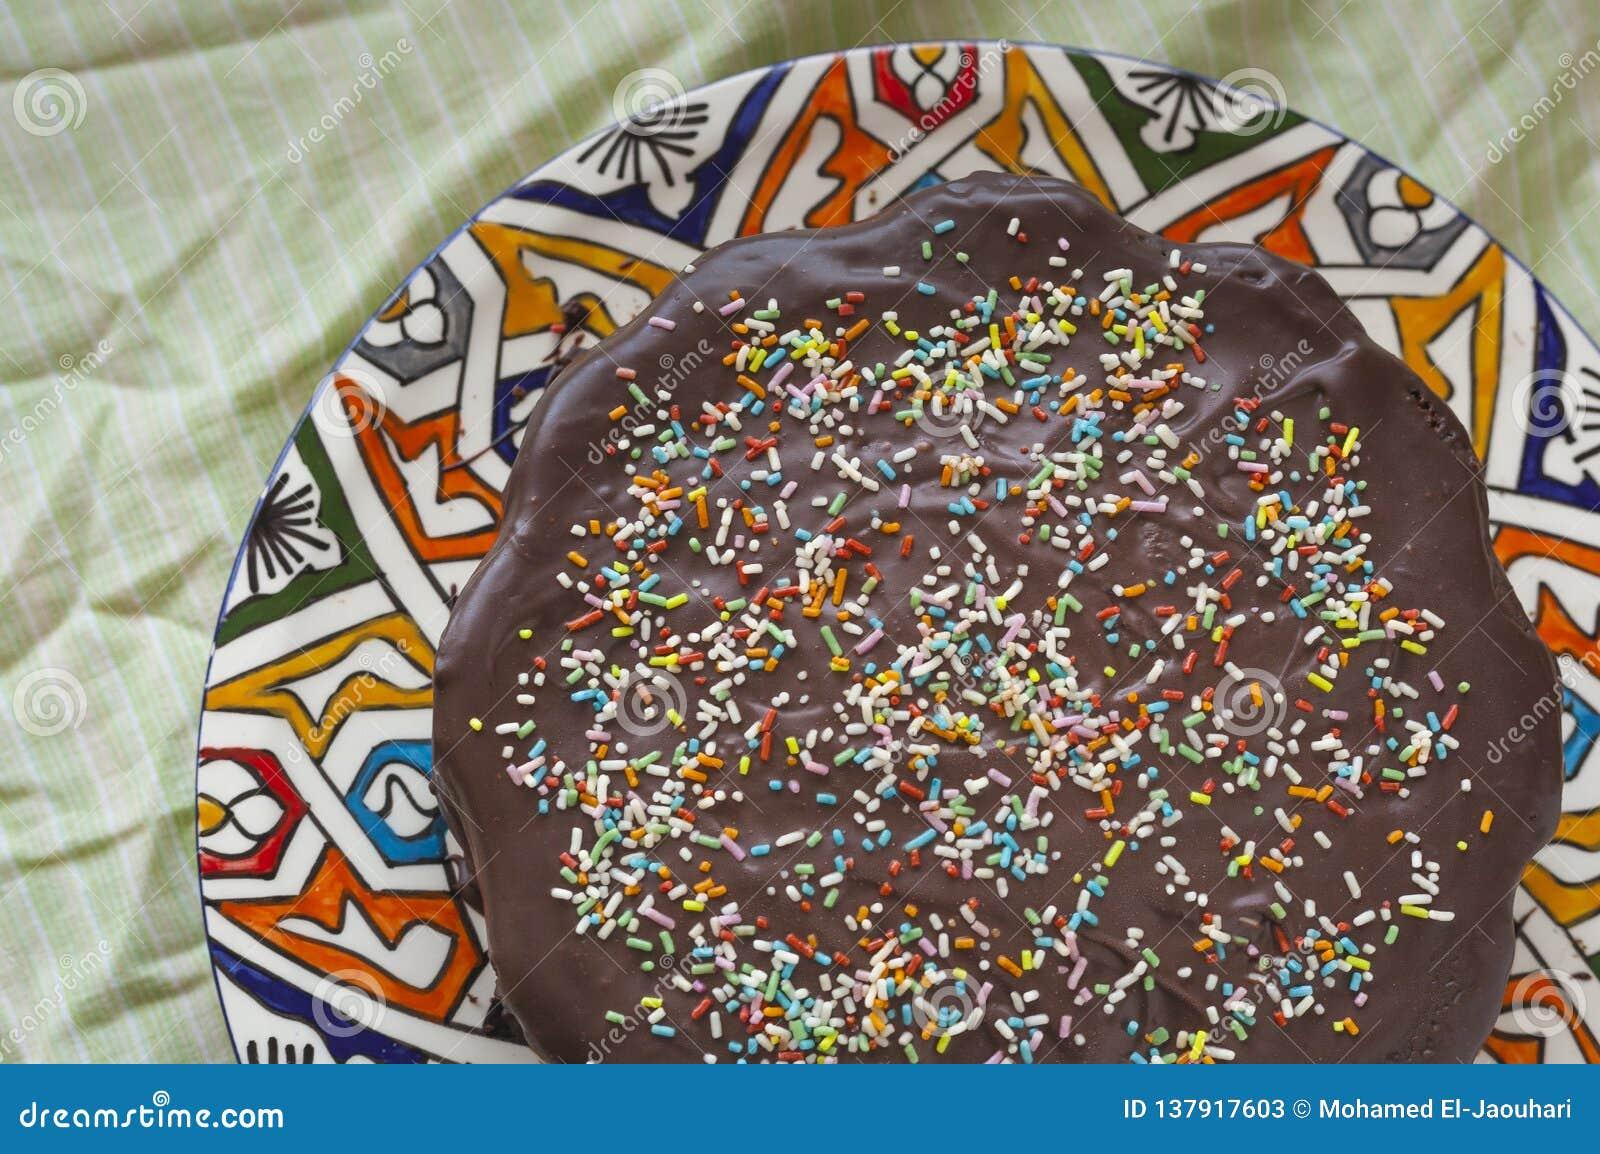 Birthday Homemade Cake Concept For Kids